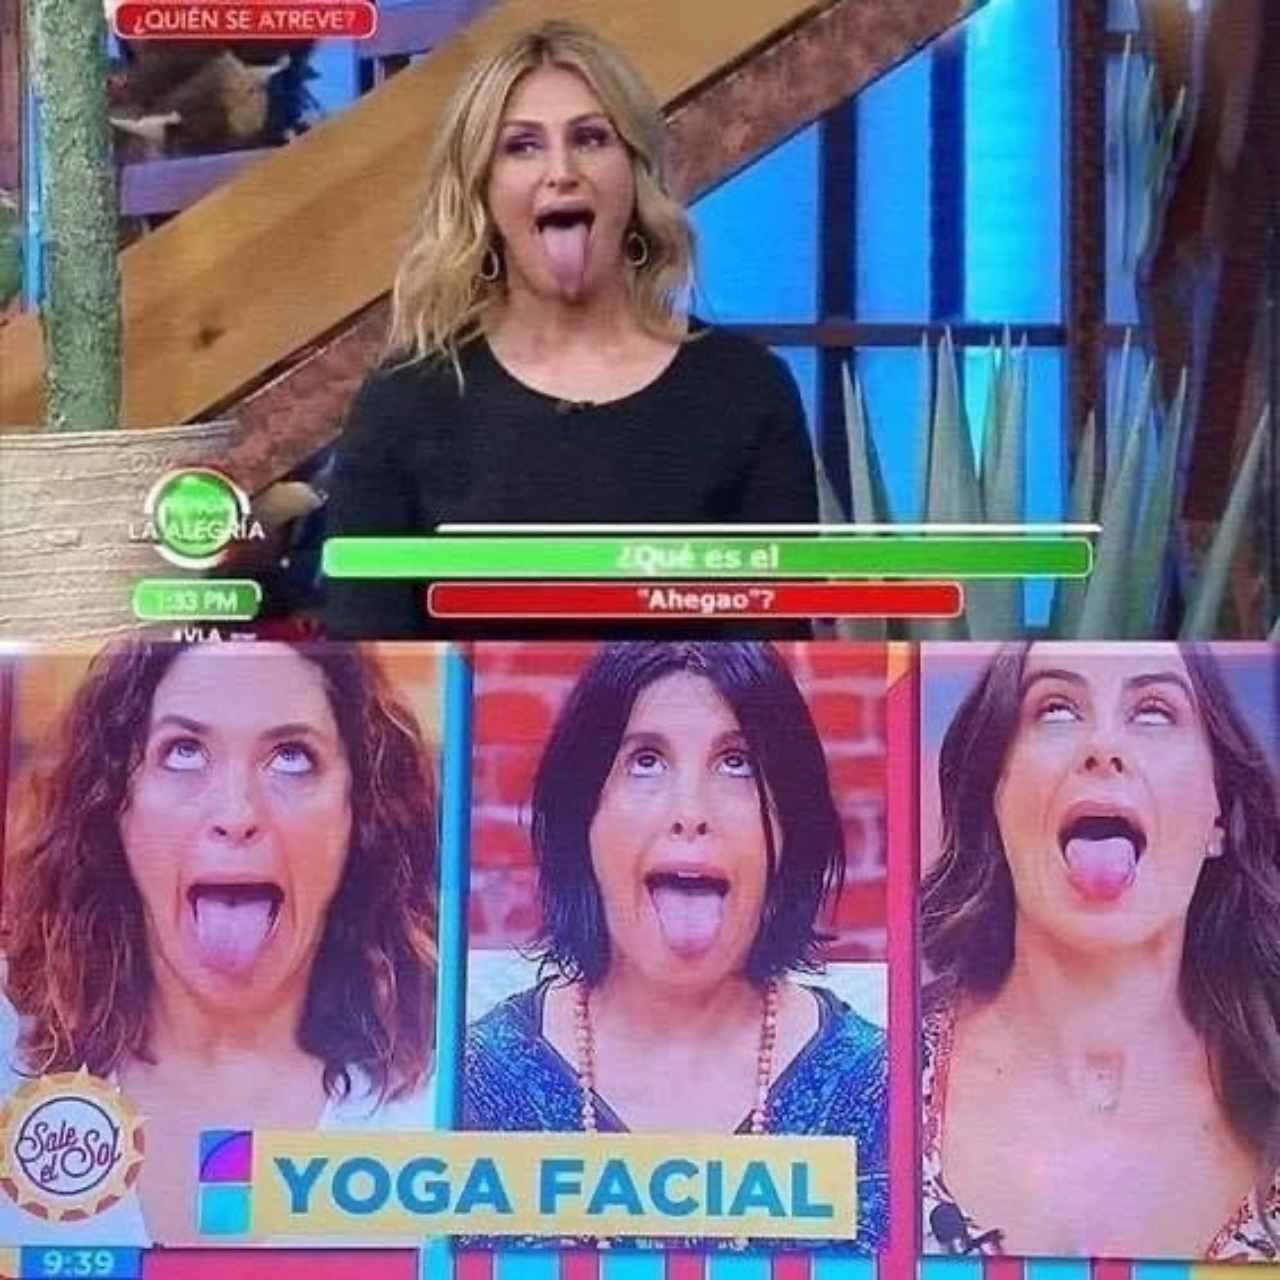 Yoga facial en Sale el Sol